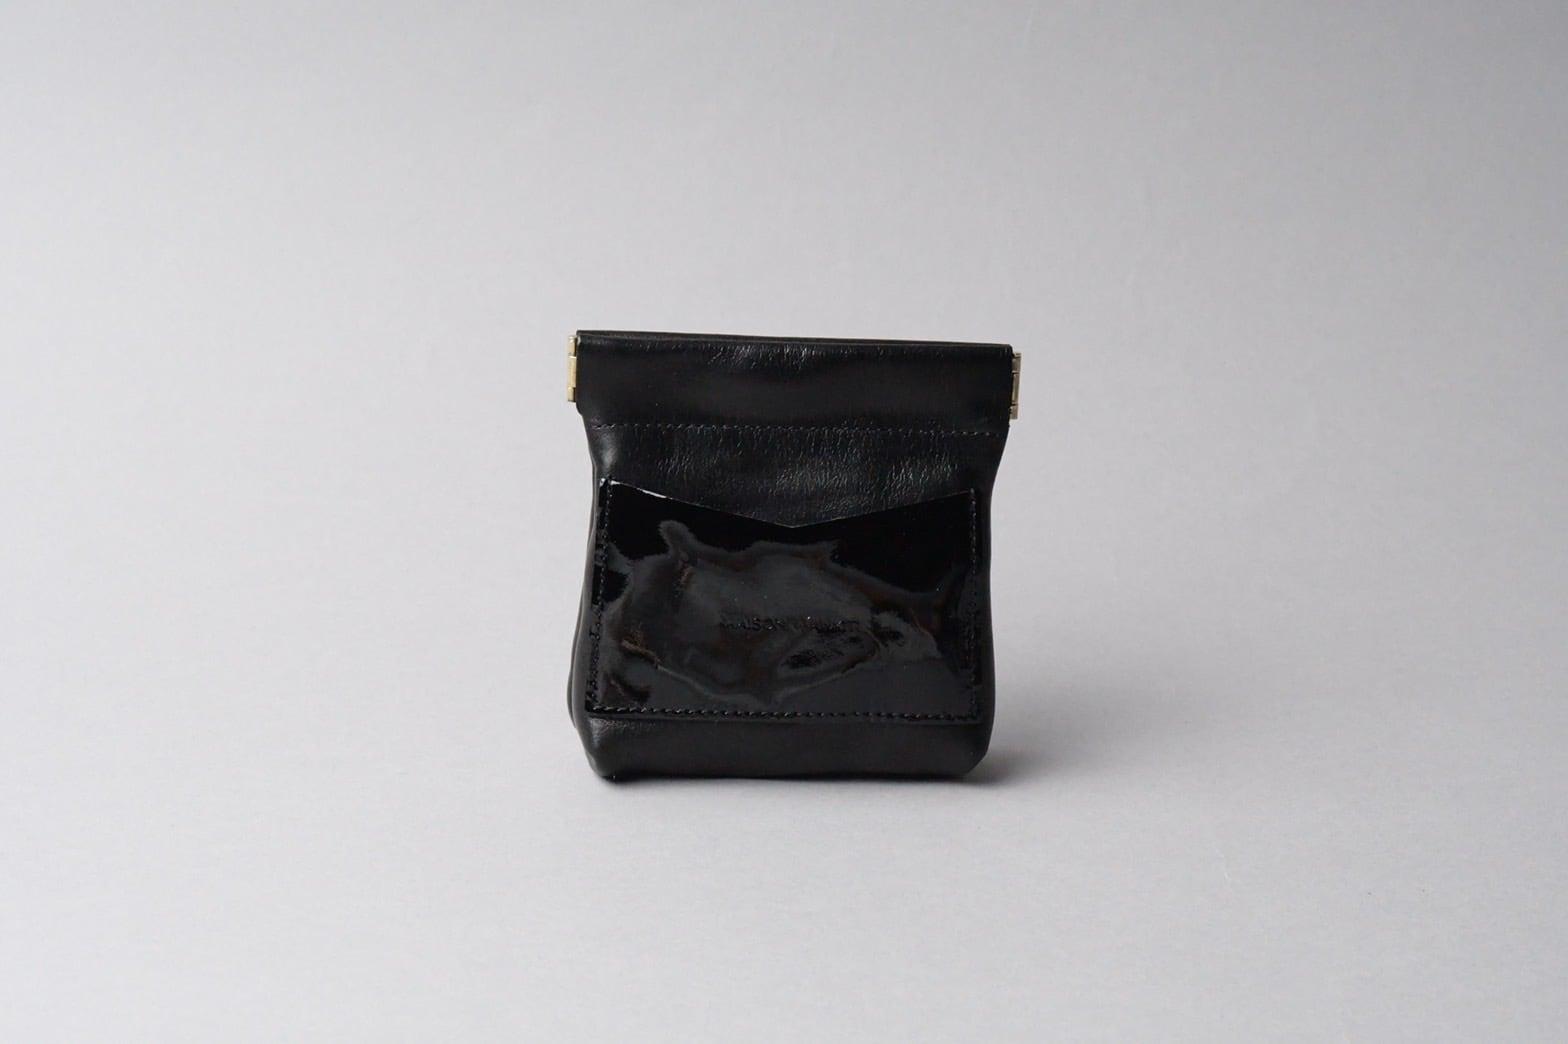 ワンタッチ・コインケース long ■ブラック・エナメルブラック■ - 画像2